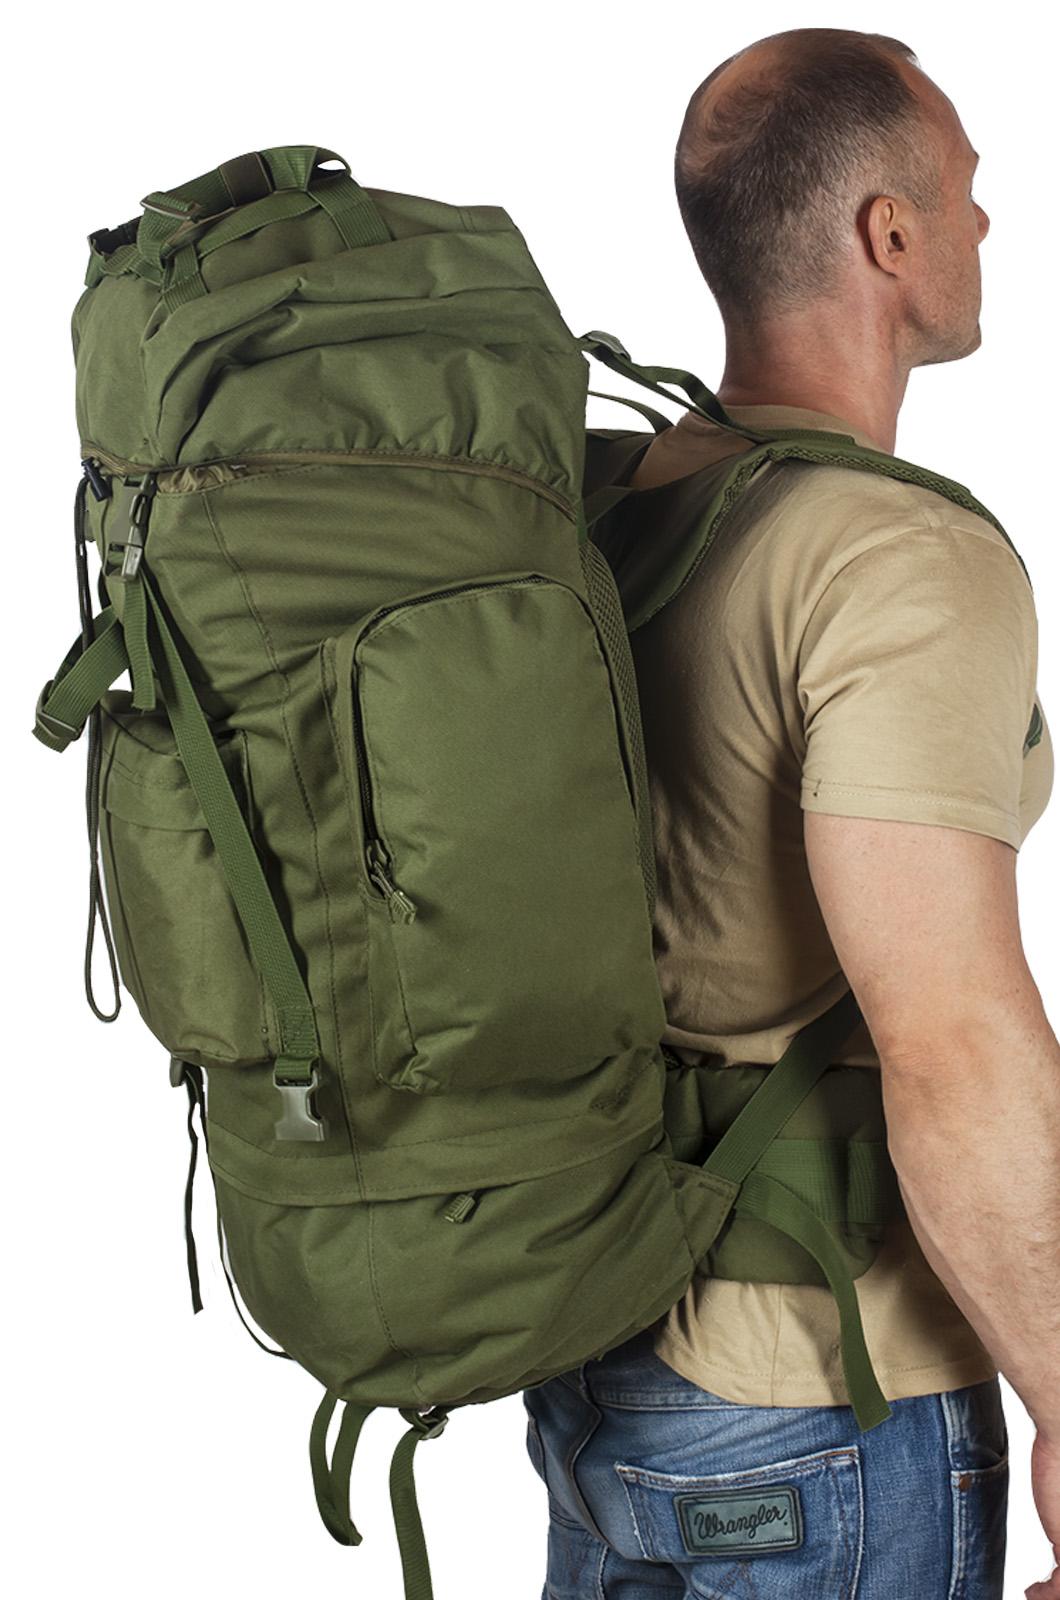 Тактический военный рюкзак (хаки-олива) высокого качества